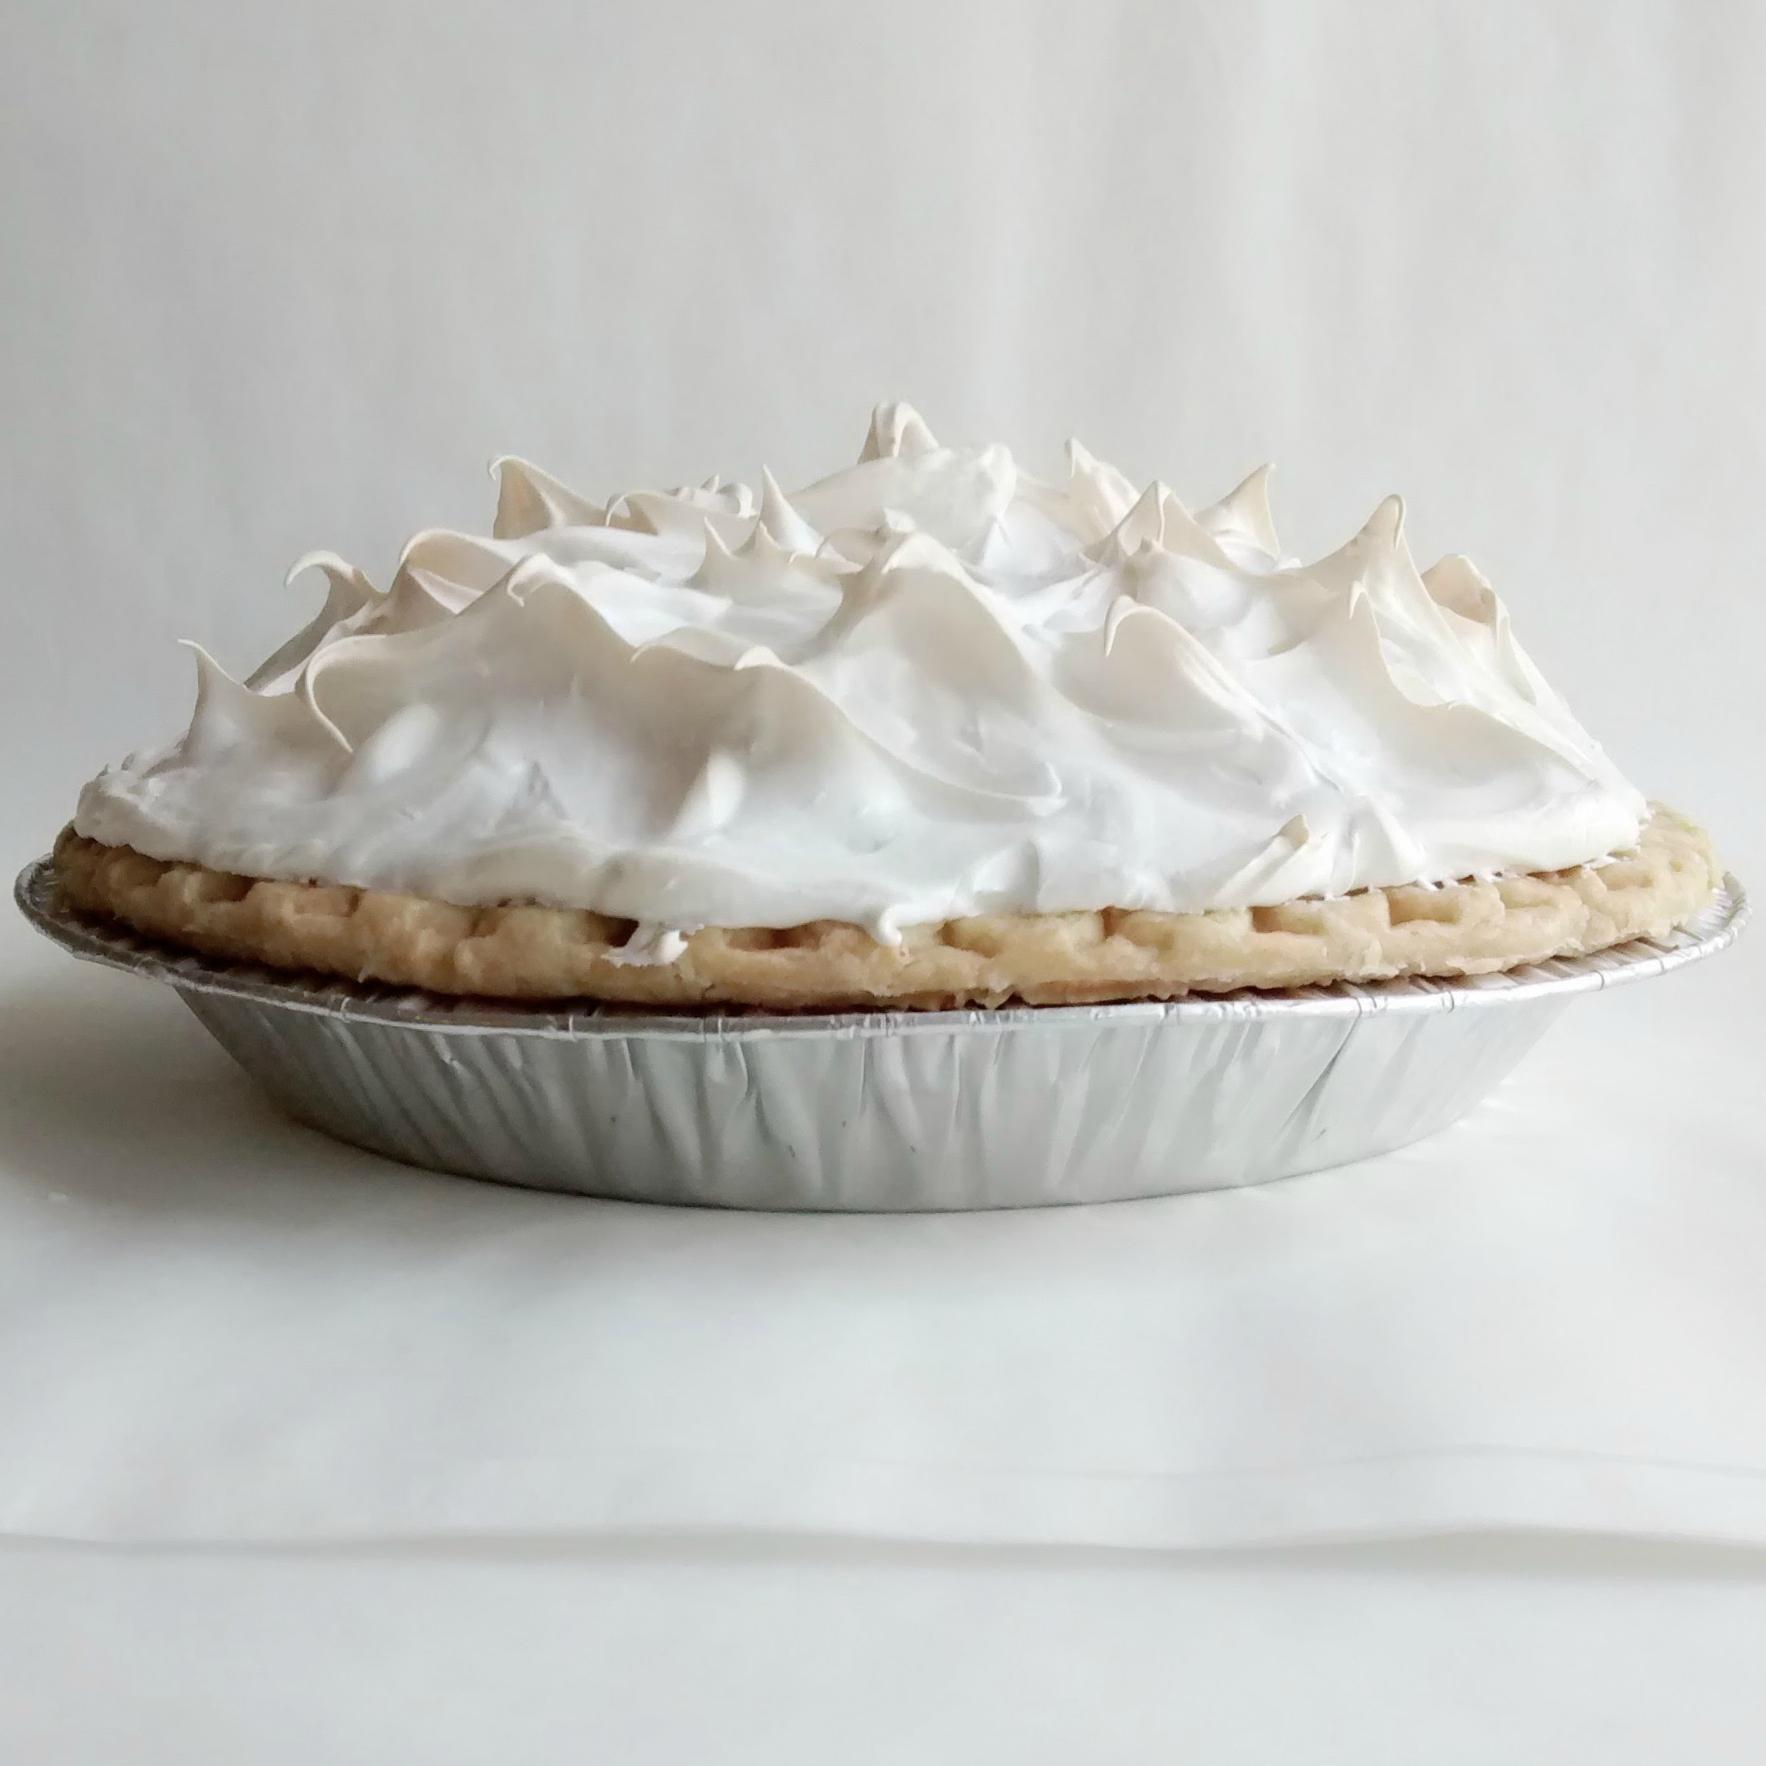 Lemon Meringue   Mile-high meringue, anyone? Our Lemon Meringue pie is sweet, tart, and oh-so delicious! $18